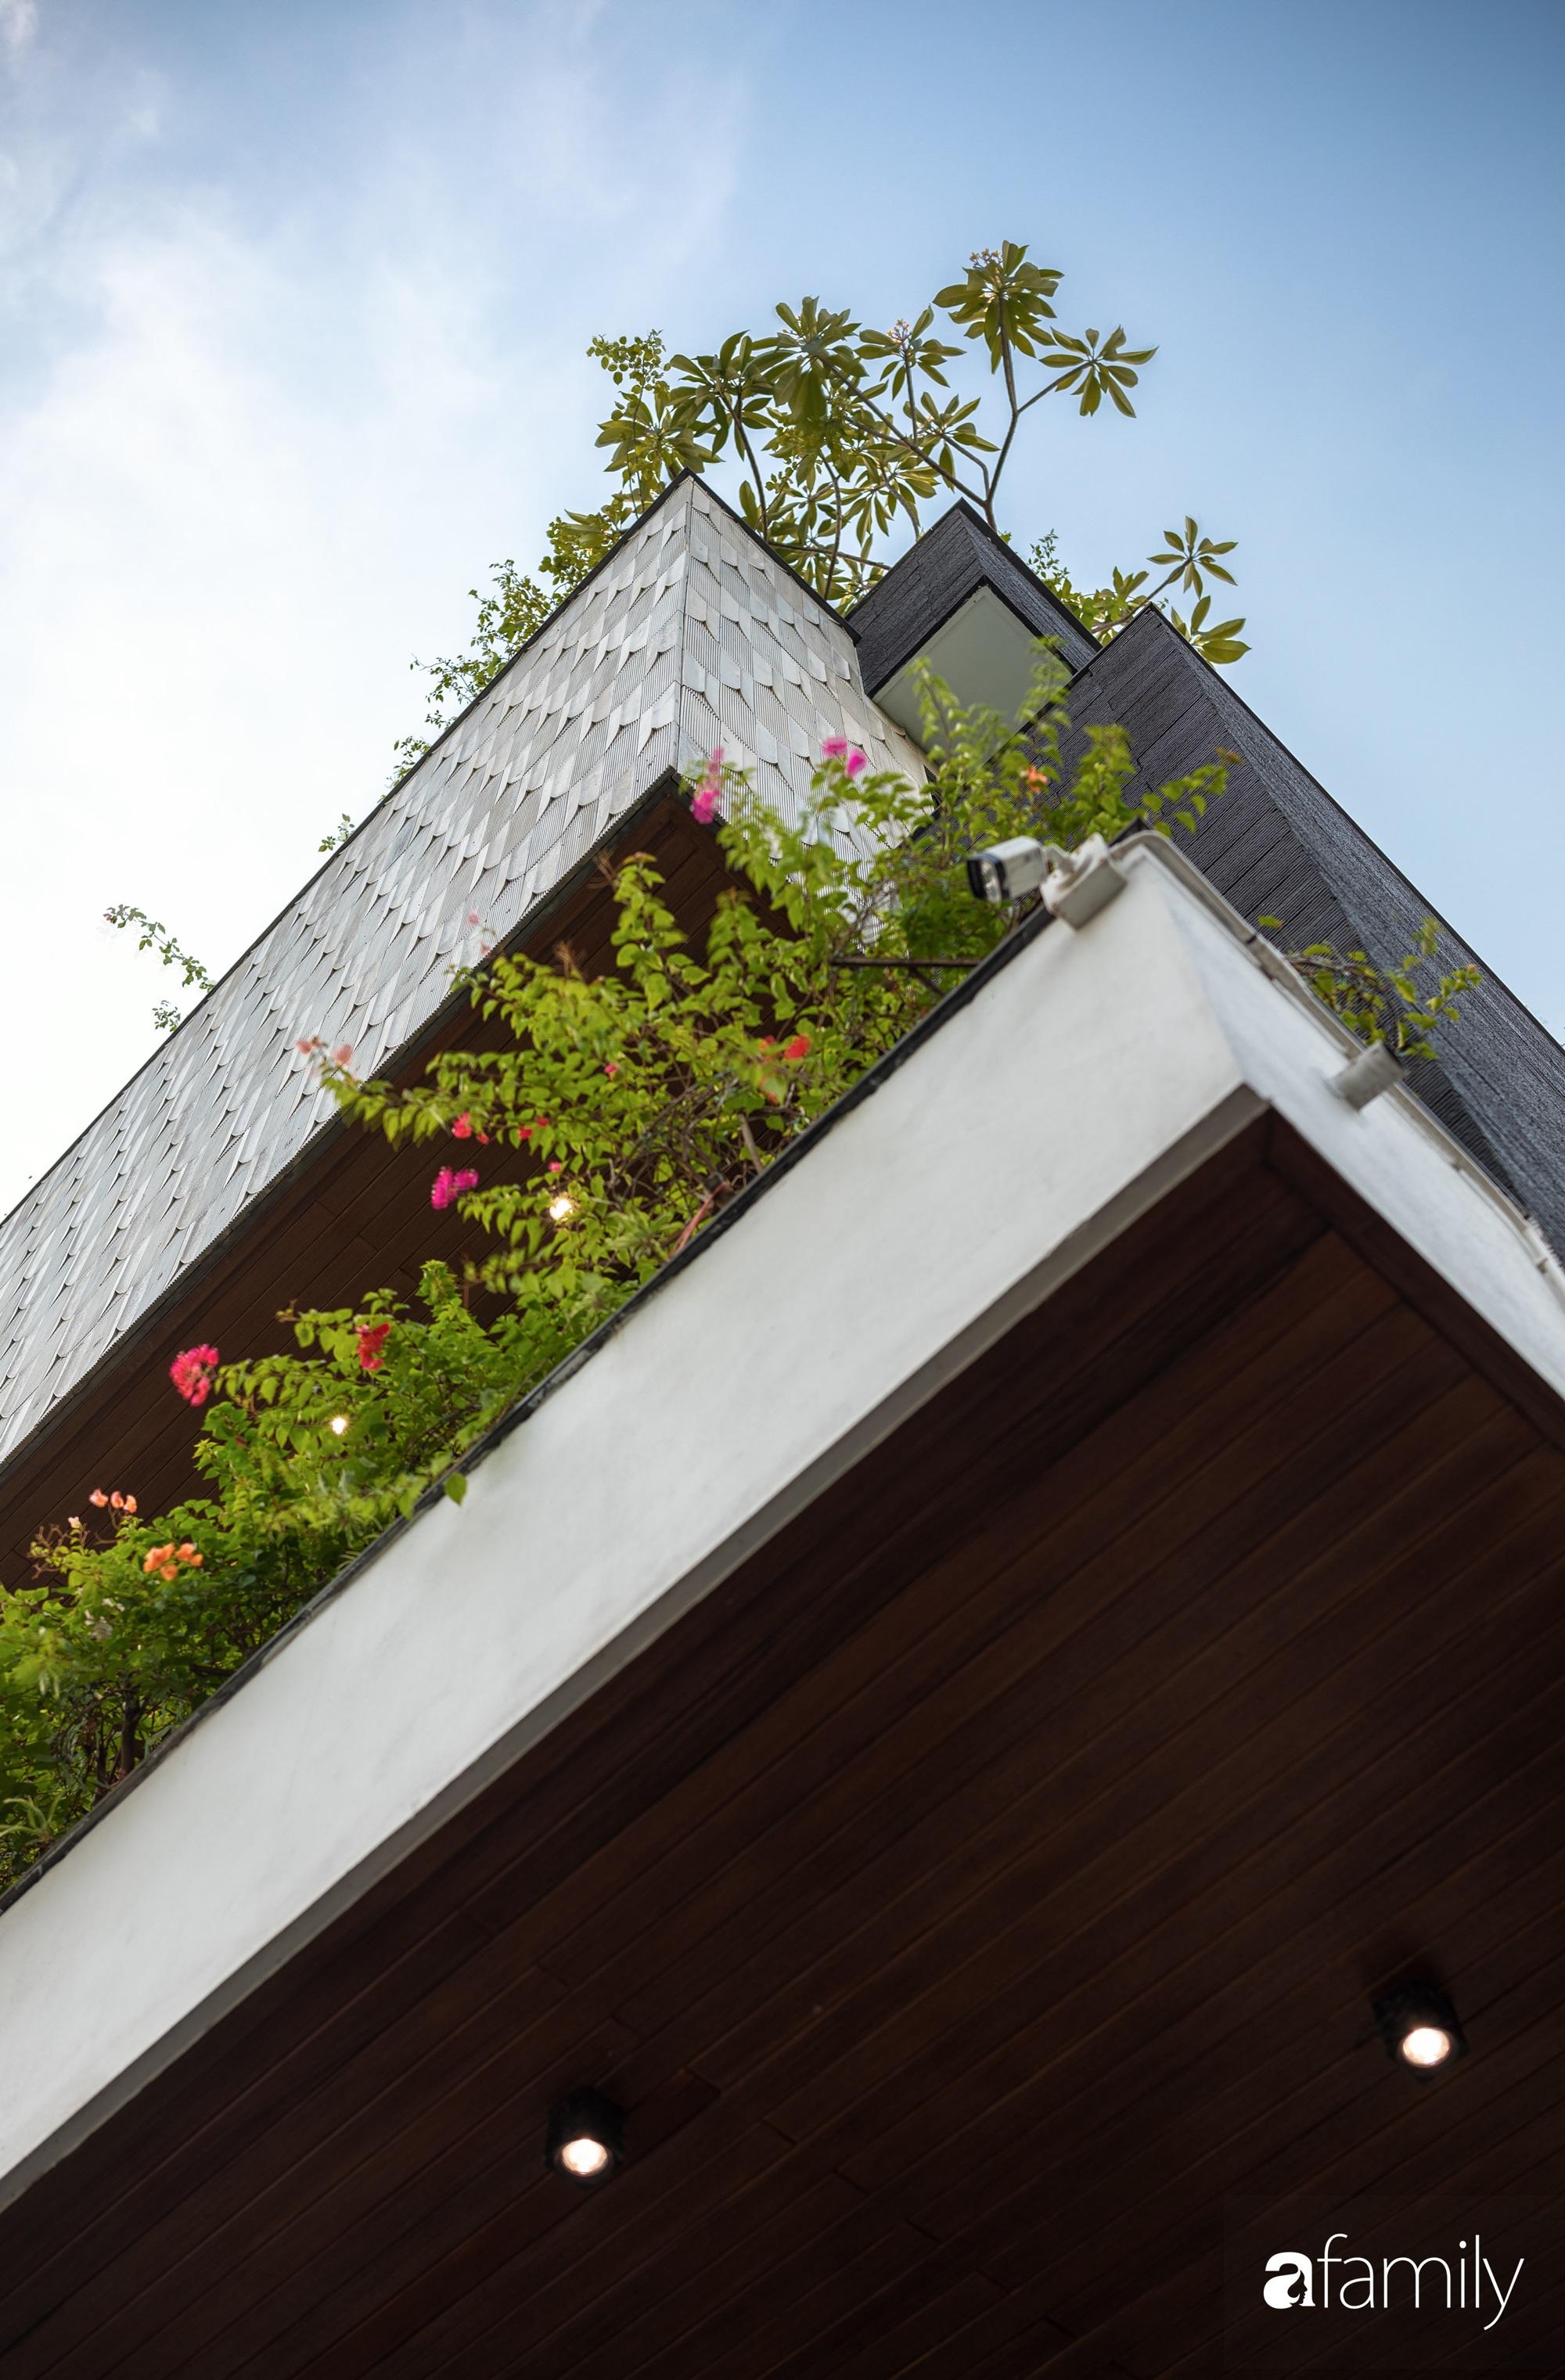 Biệt thự vườn phóng khoáng, hiện đại ở ngoại thành Hà Nội - Ảnh 2.